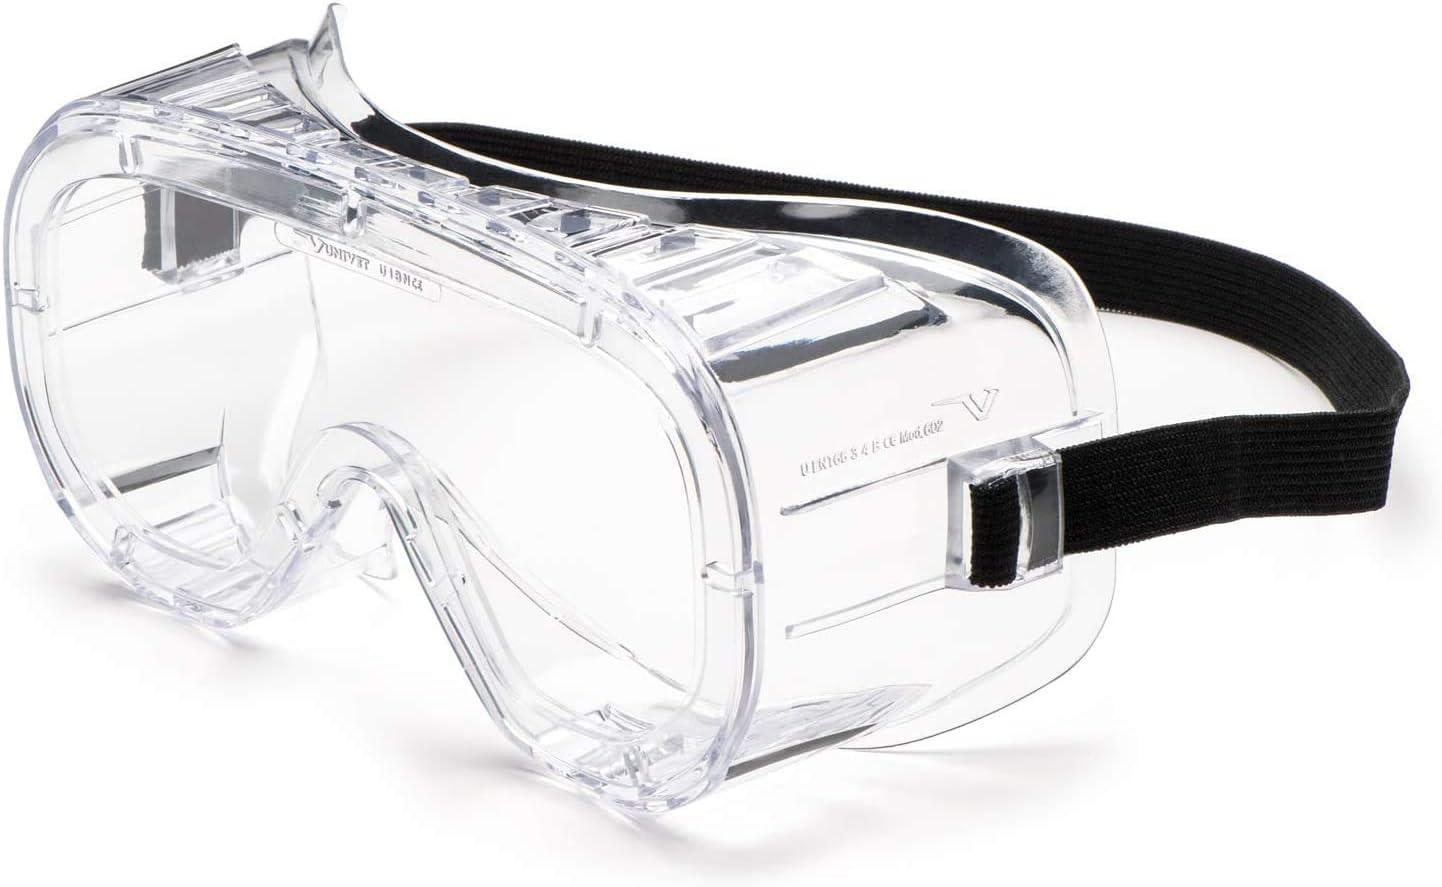 Gafas de protección antiempañamiento – Dispositivo de protección independiente CAT. II